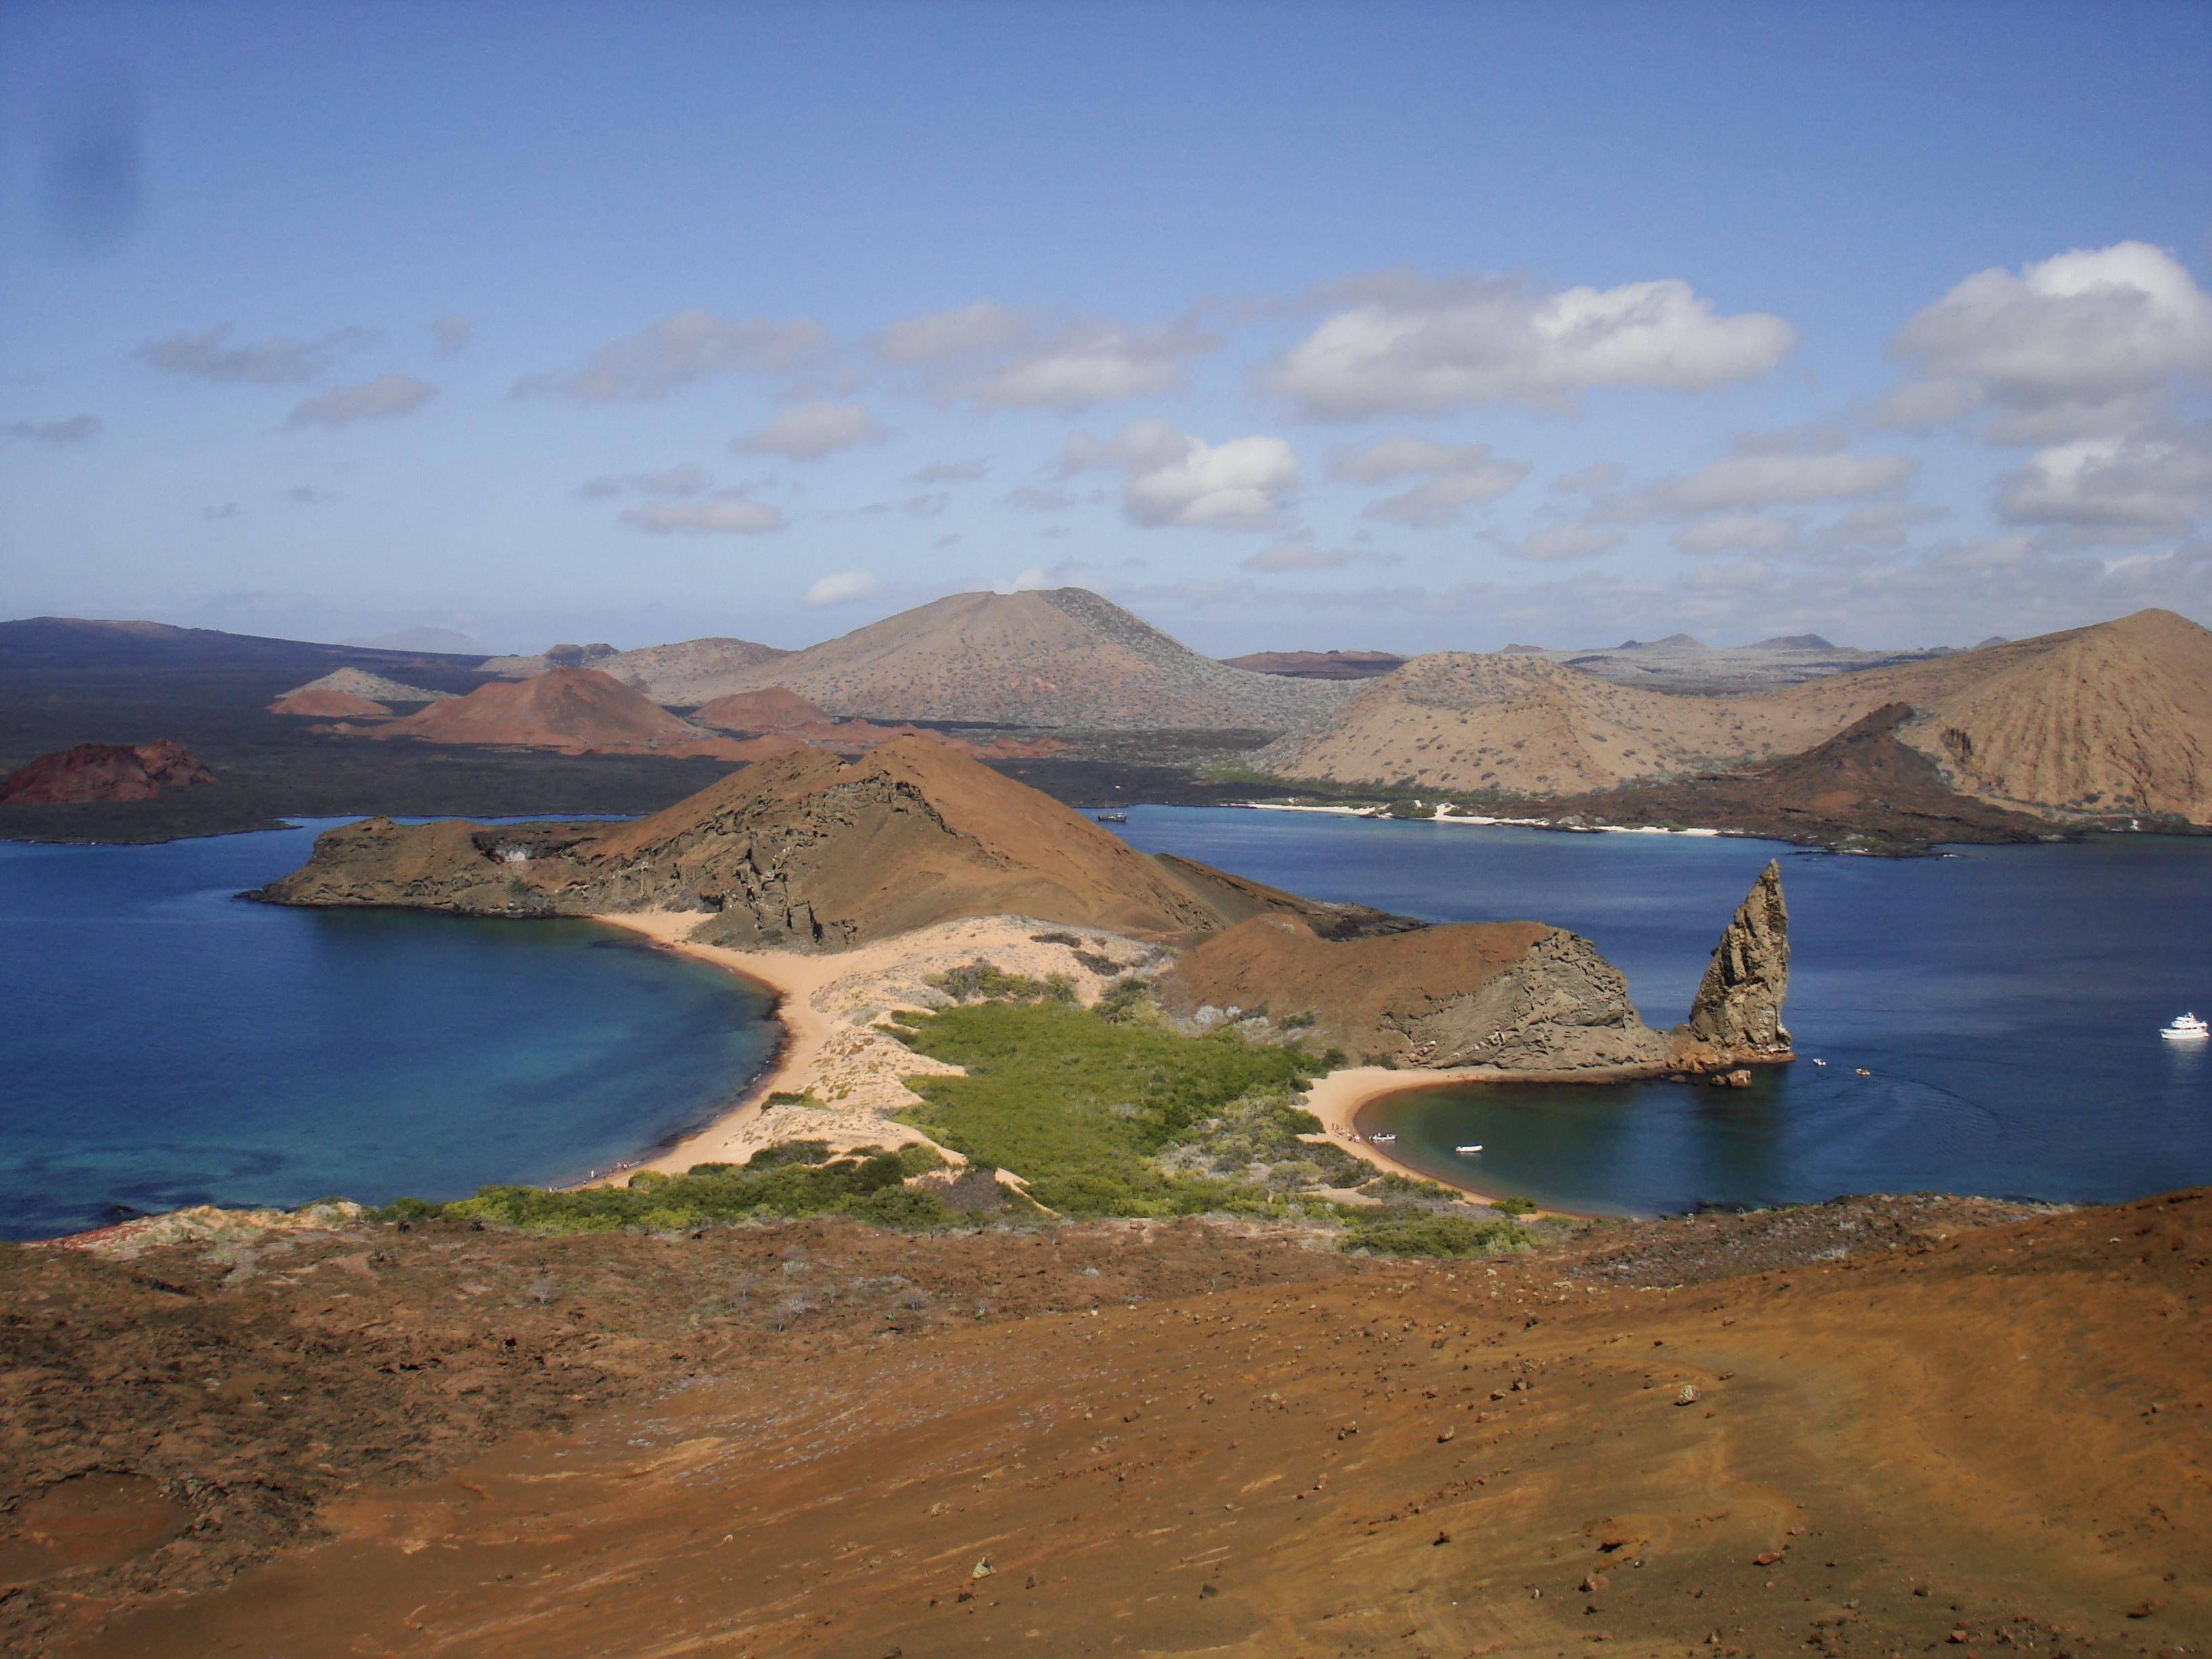 Galapagos Islands photography